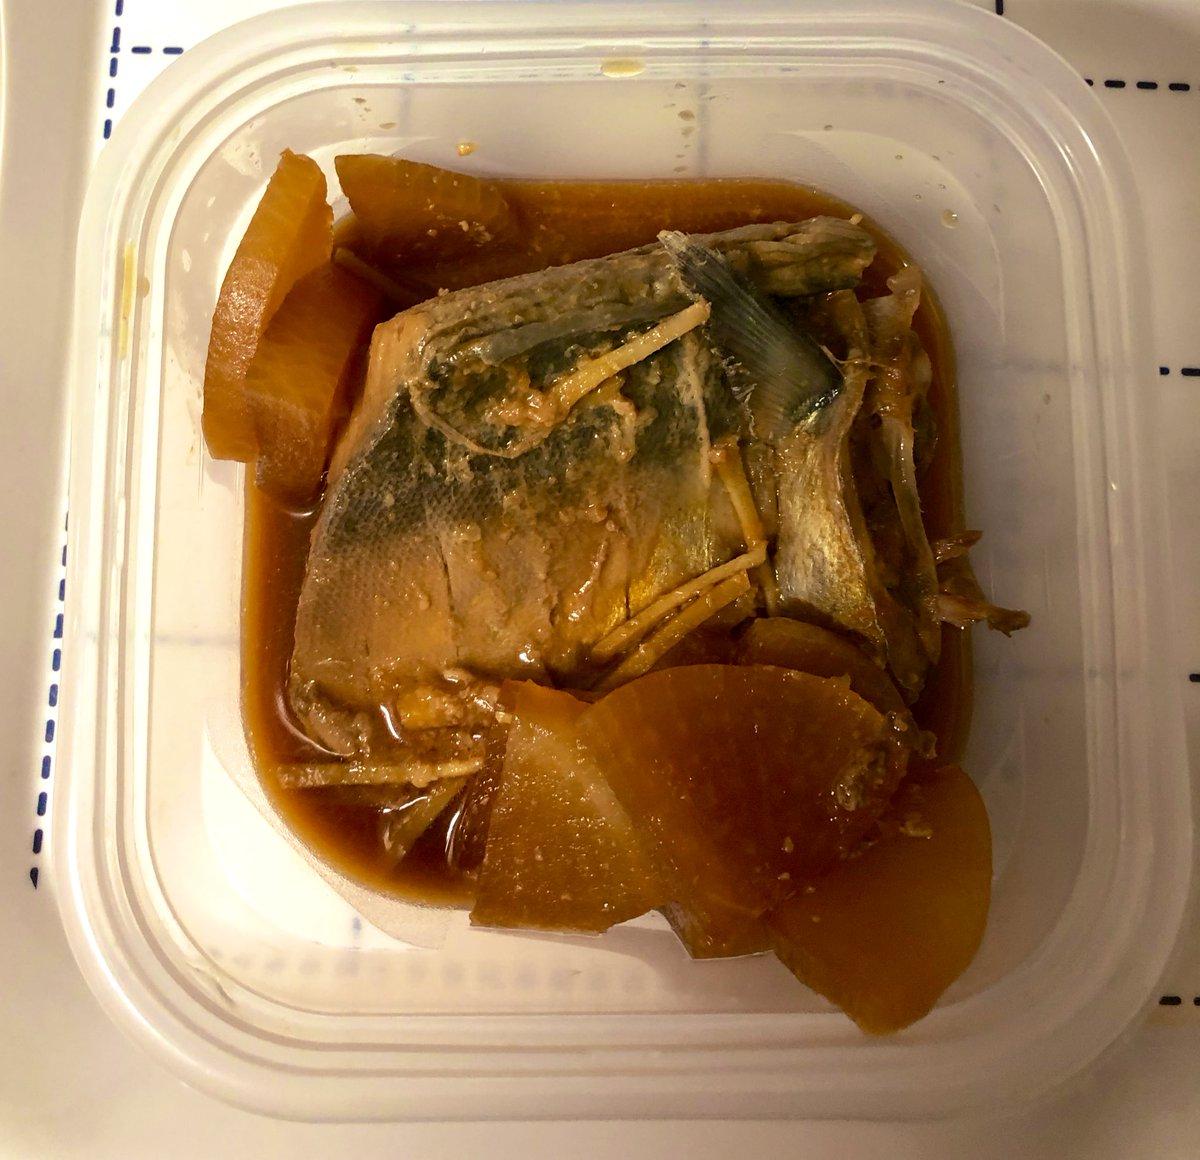 結婚から四年経ったところで、生まれて初めて鯖の味噌煮作りましたw成功しましたw魚料理ってハードル高く感じちゃって避けてきてきたけど、魚好きな娘のためにも、これからは向き合っていこうと思います(・ω・)